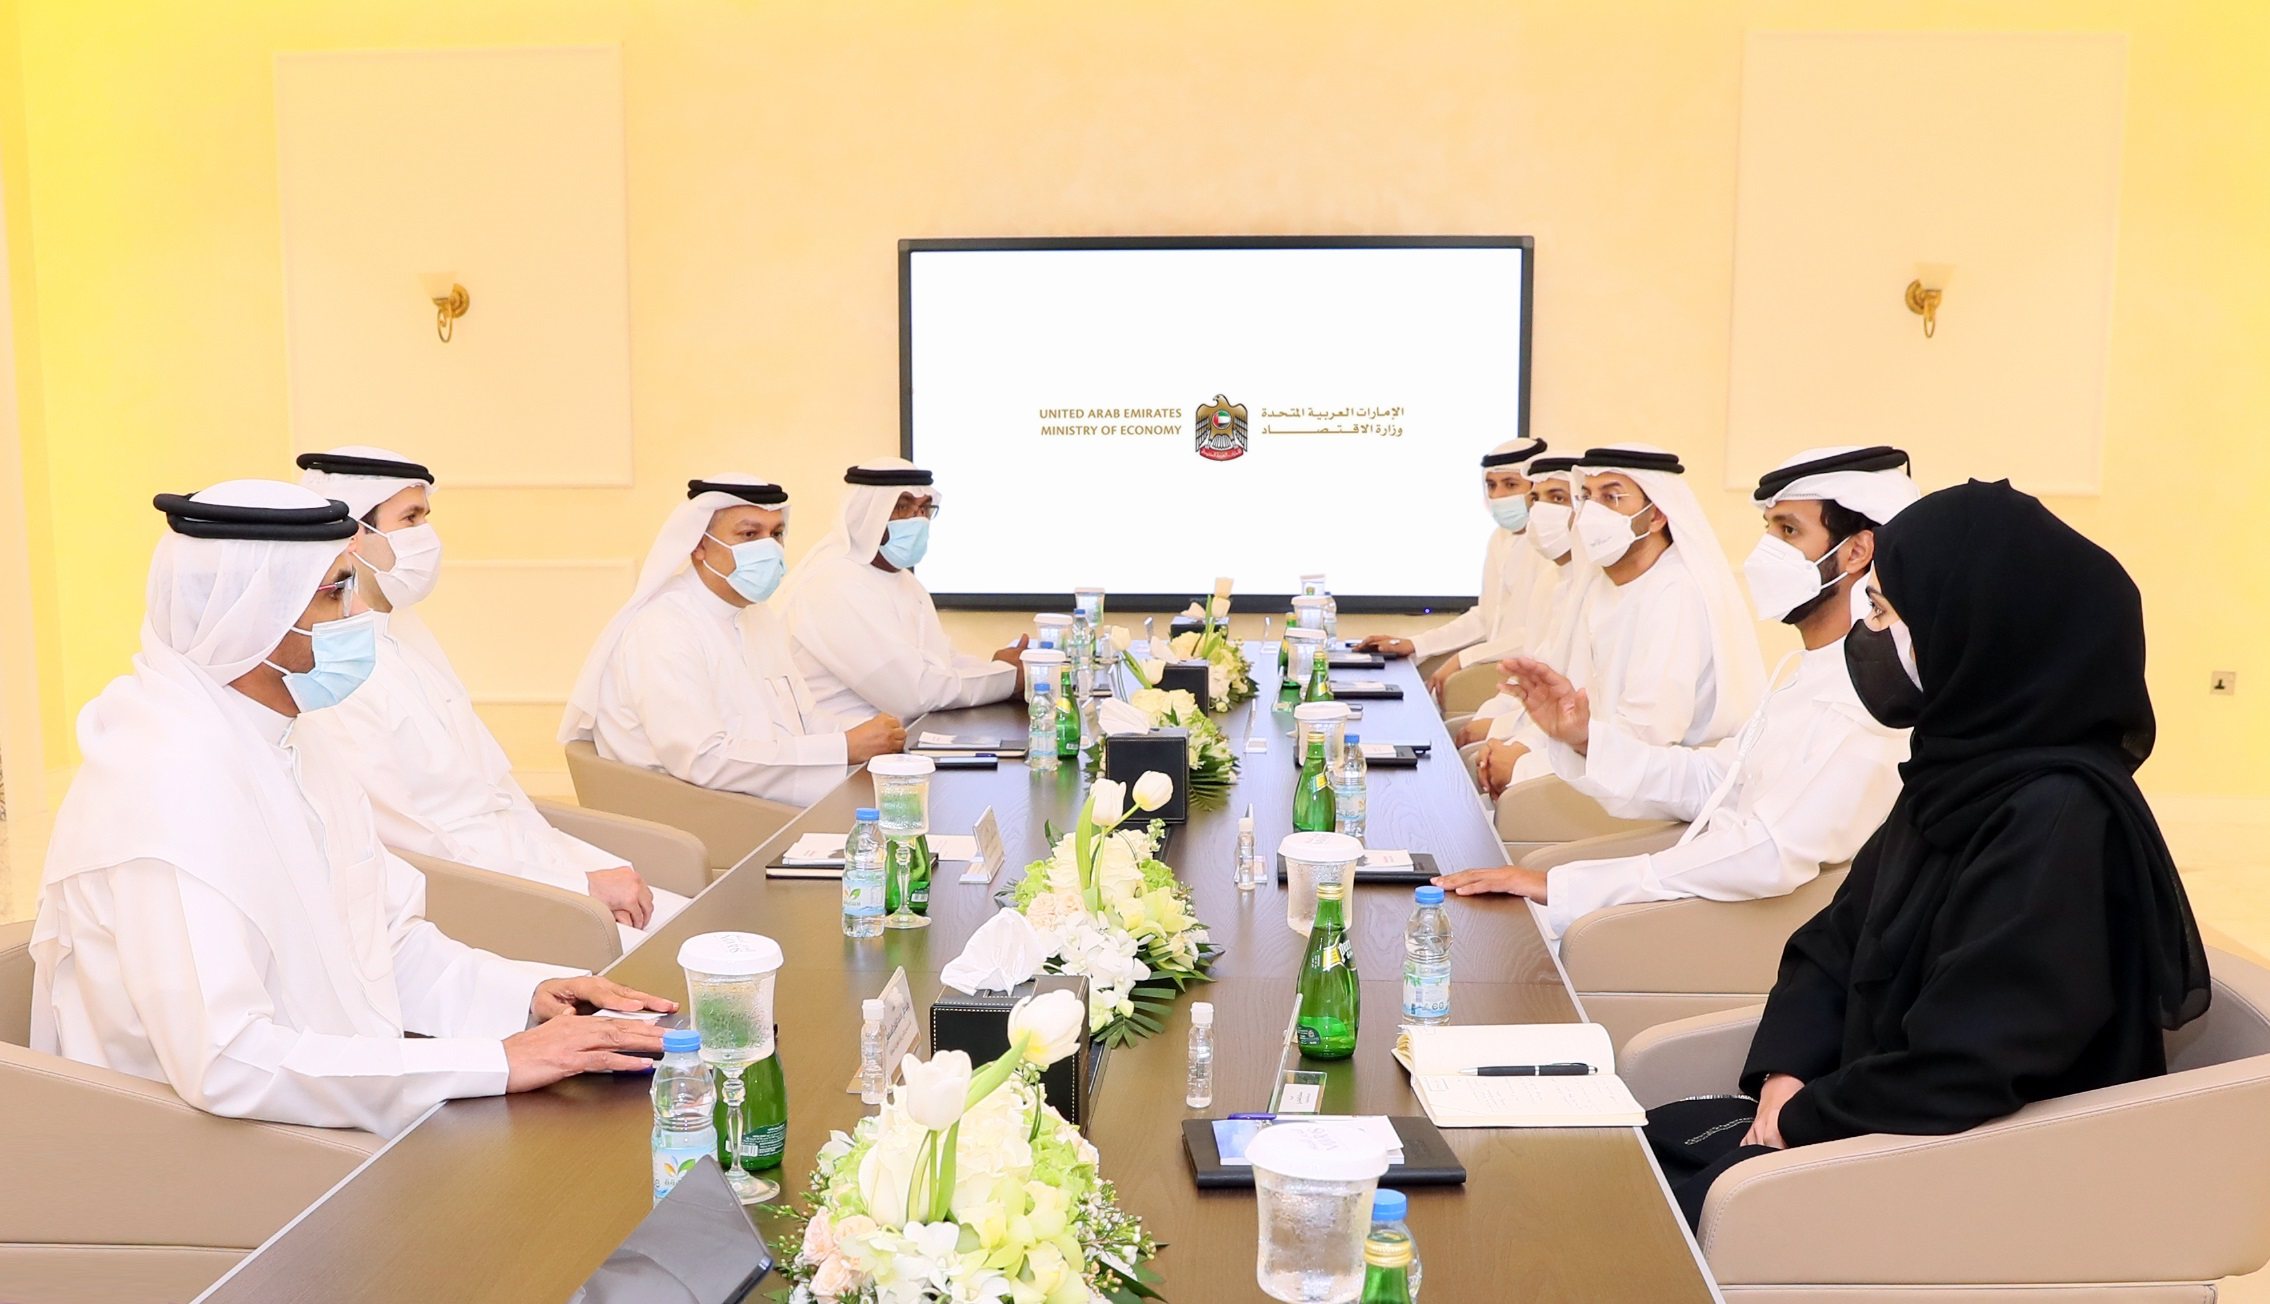 وزارة الاقتصاد تطلع القطاع التعاوني على رؤيتها واستراتيجيتها للخمسين عاماً المقبلة